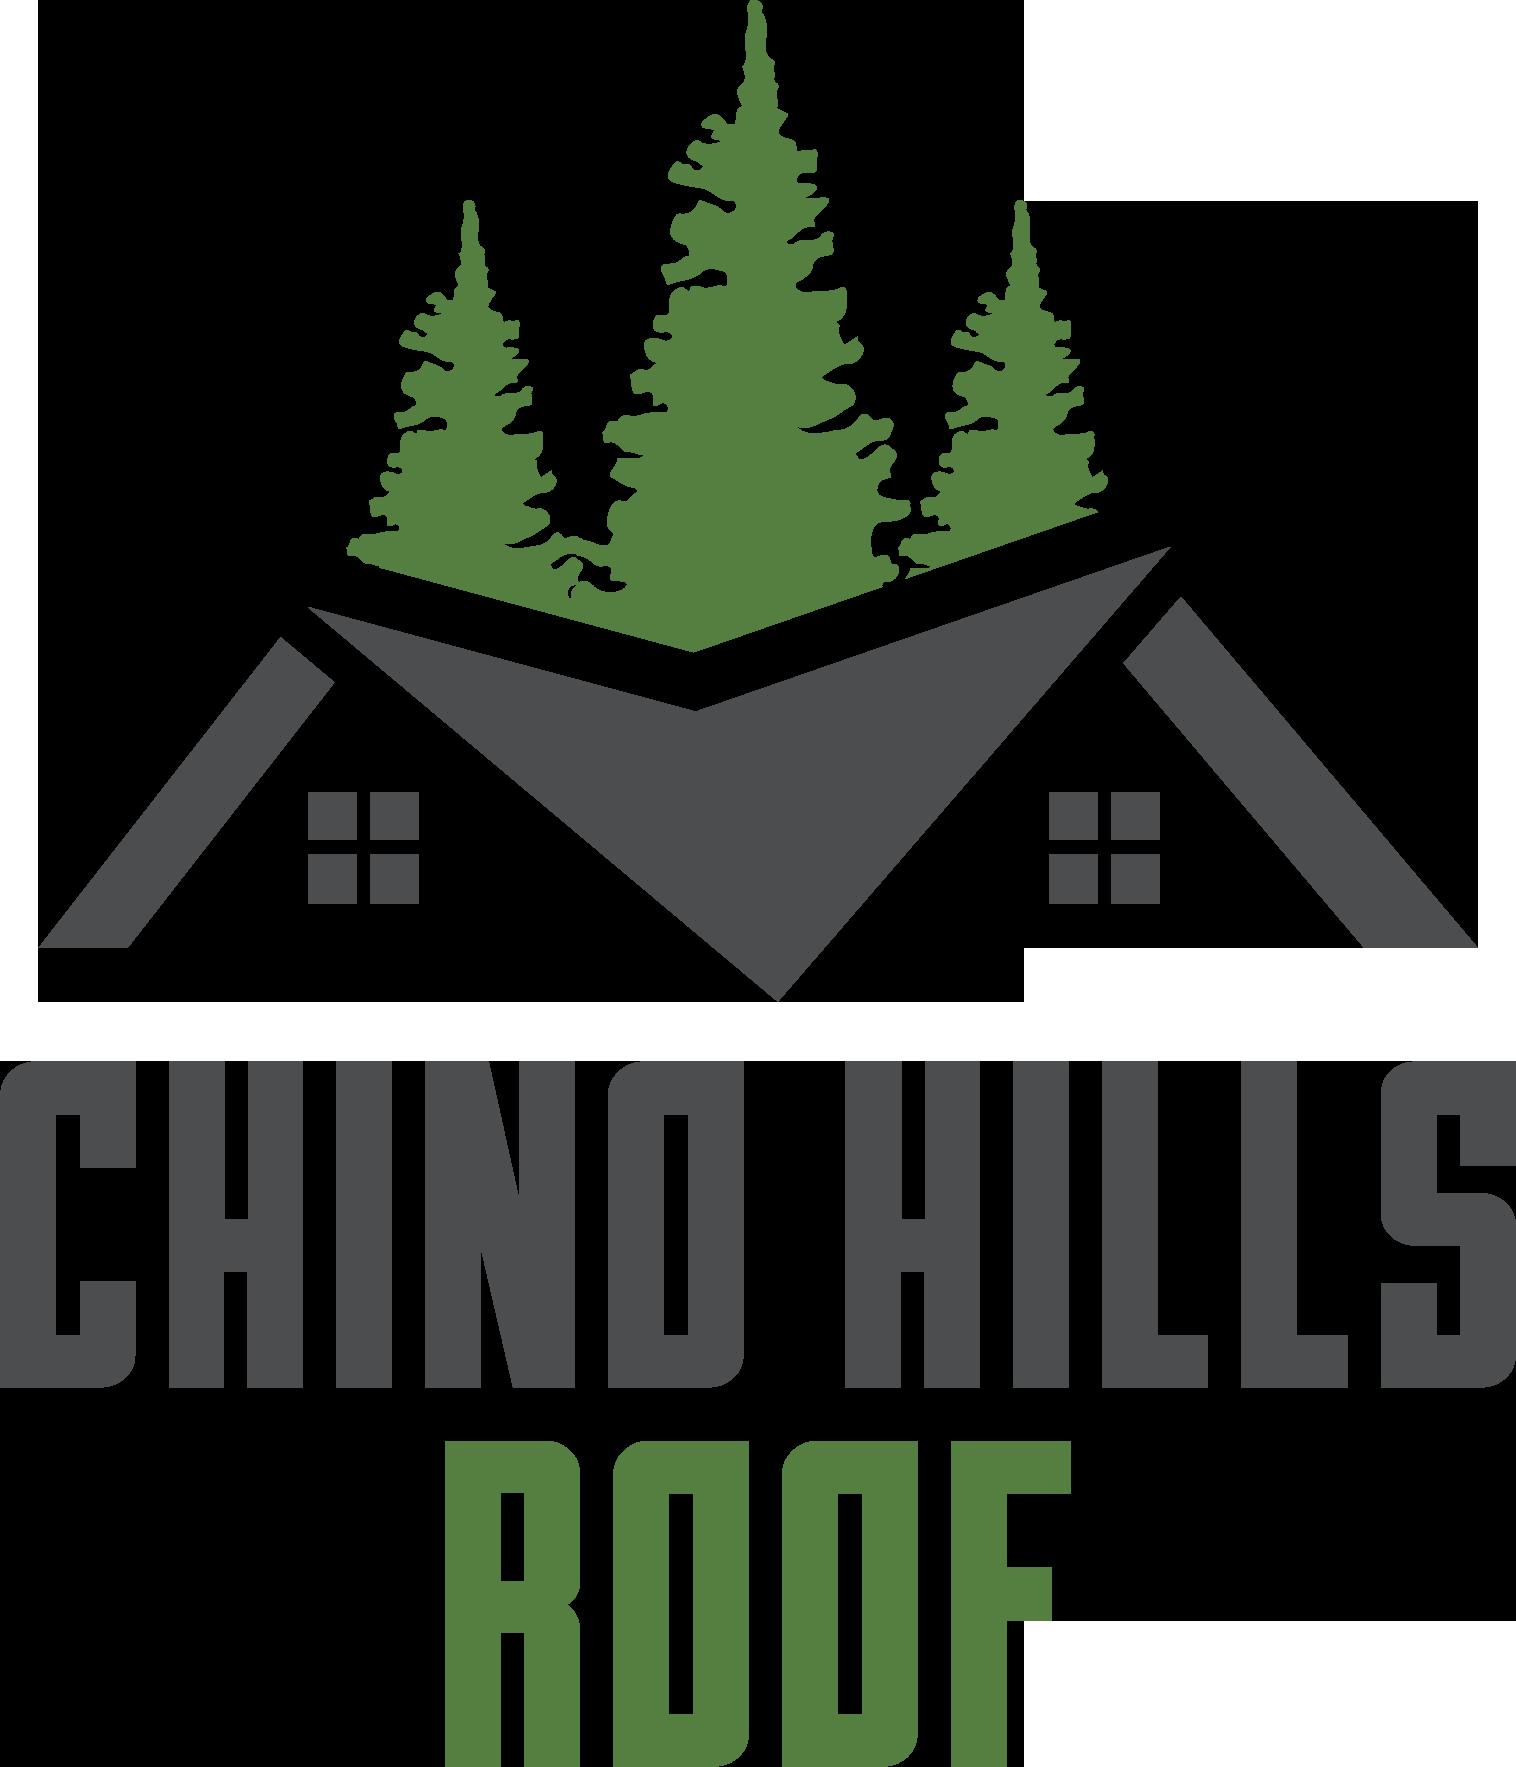 Chino Hills Roof